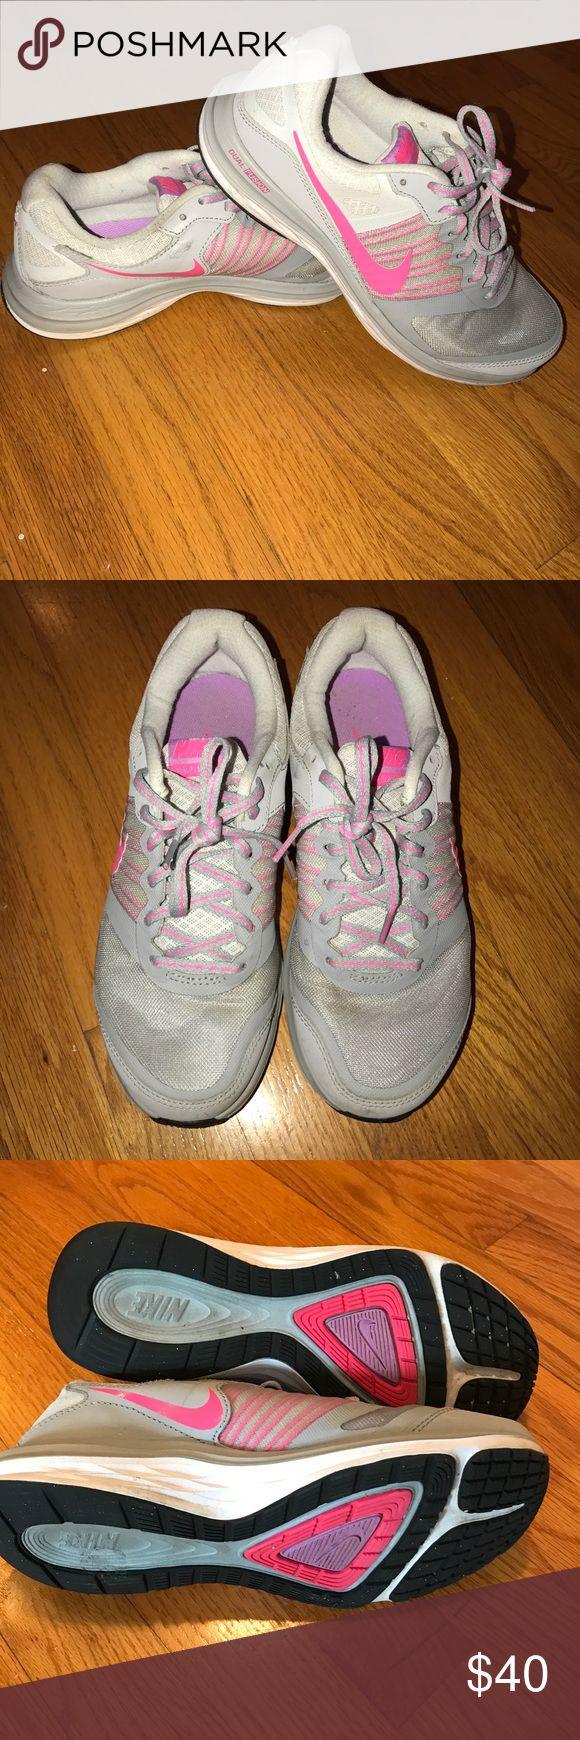 Nike dual fusion running shoes size 8 Nike dual fusion running shoes size 8, good condition! Nike Shoes Sneakers